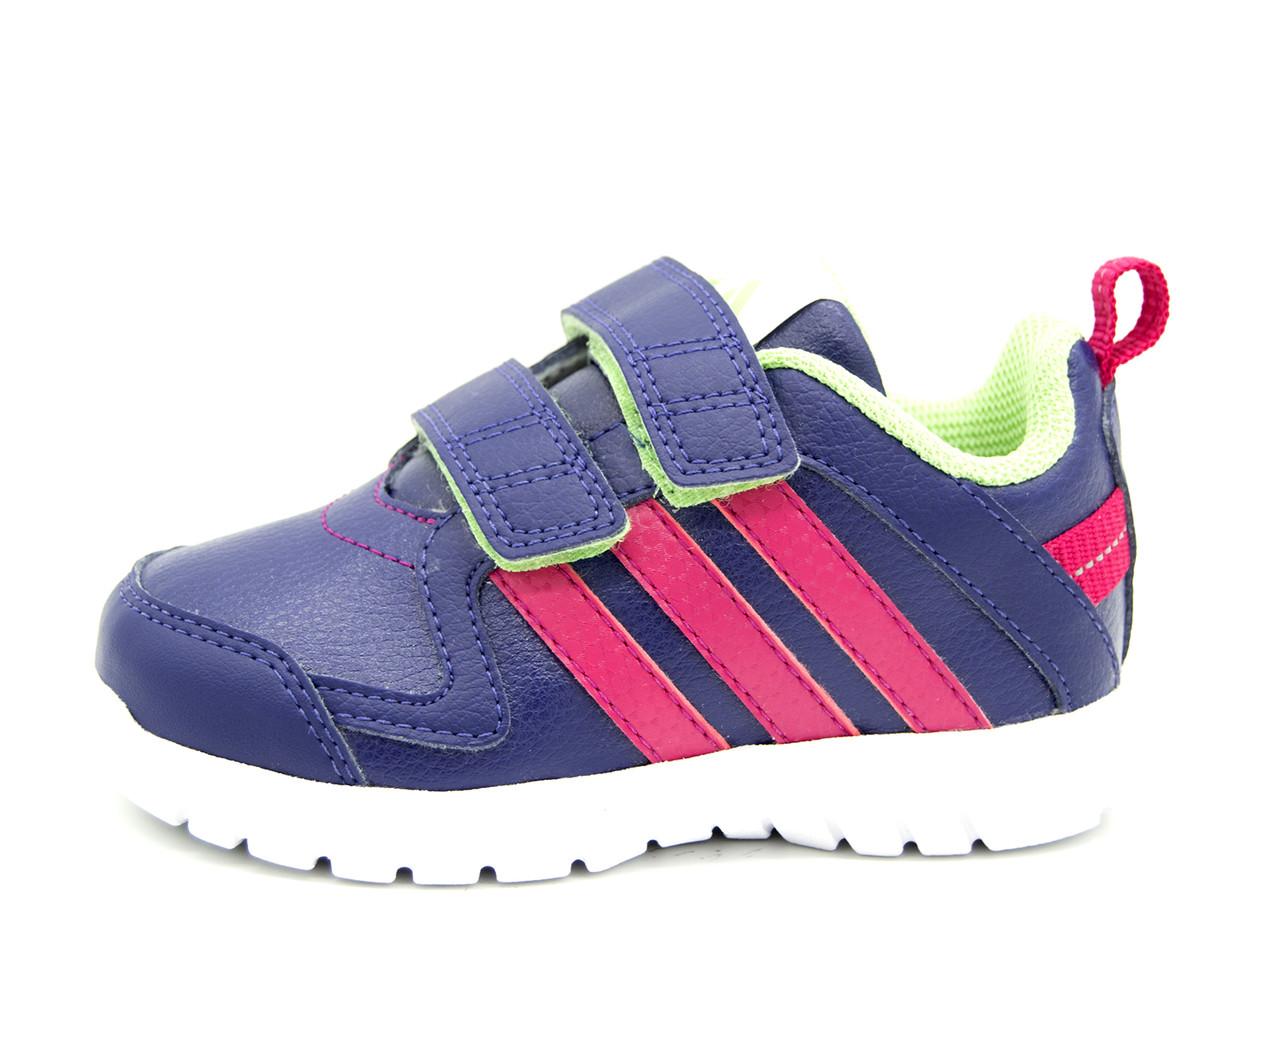 cf6d86cb Кроссовки Adidas для детей Размер - 22 (14 см) - onStyles в Львове